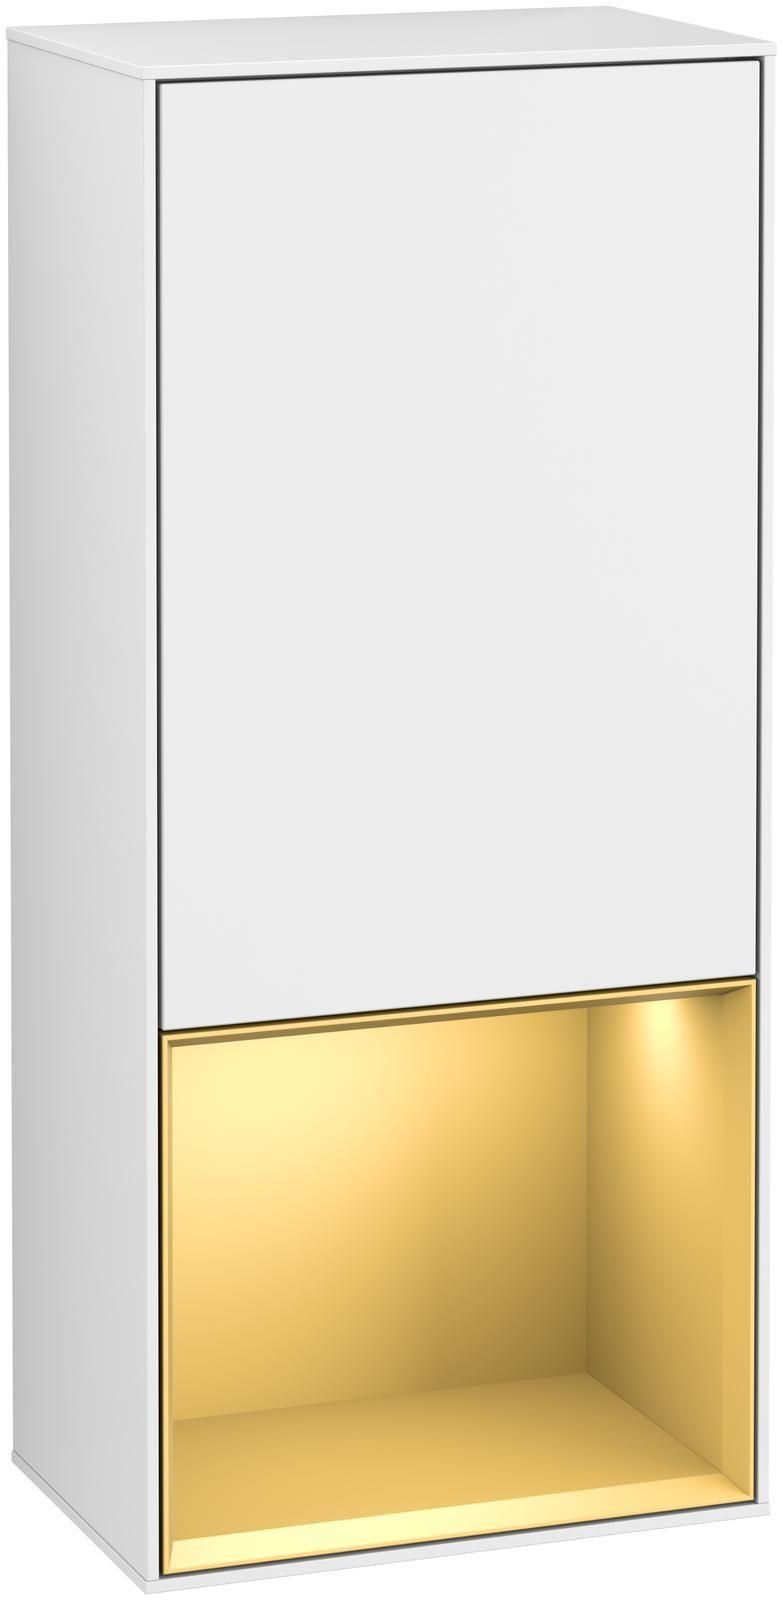 Villeroy & Boch Finion G55 Seitenschrank mit Regalelement 1 Tür Anschlag rechts LED-Beleuchtung B:41,8xH:93,6xT:27cm Front, Korpus: Glossy White Lack, Regal: Gold Matt G550HFGF